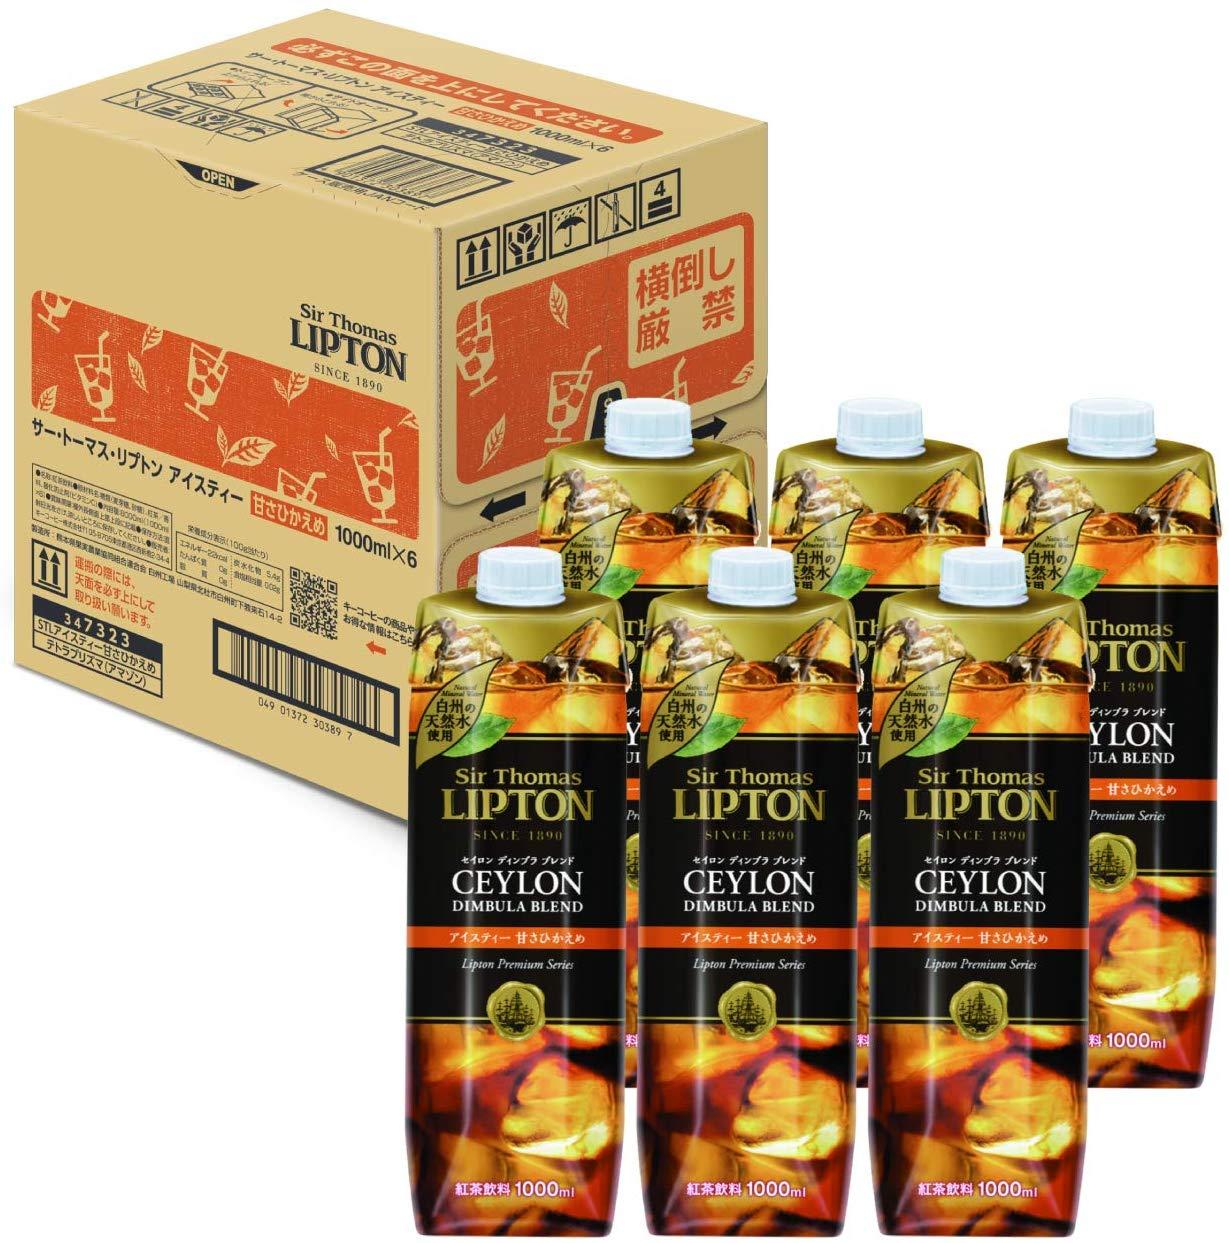 アマゾンでキーコーヒー サー・トーマス・リプトン アイスティー 甘さひかえめ テトラプリズマ 1000ml ×6本がセール中。